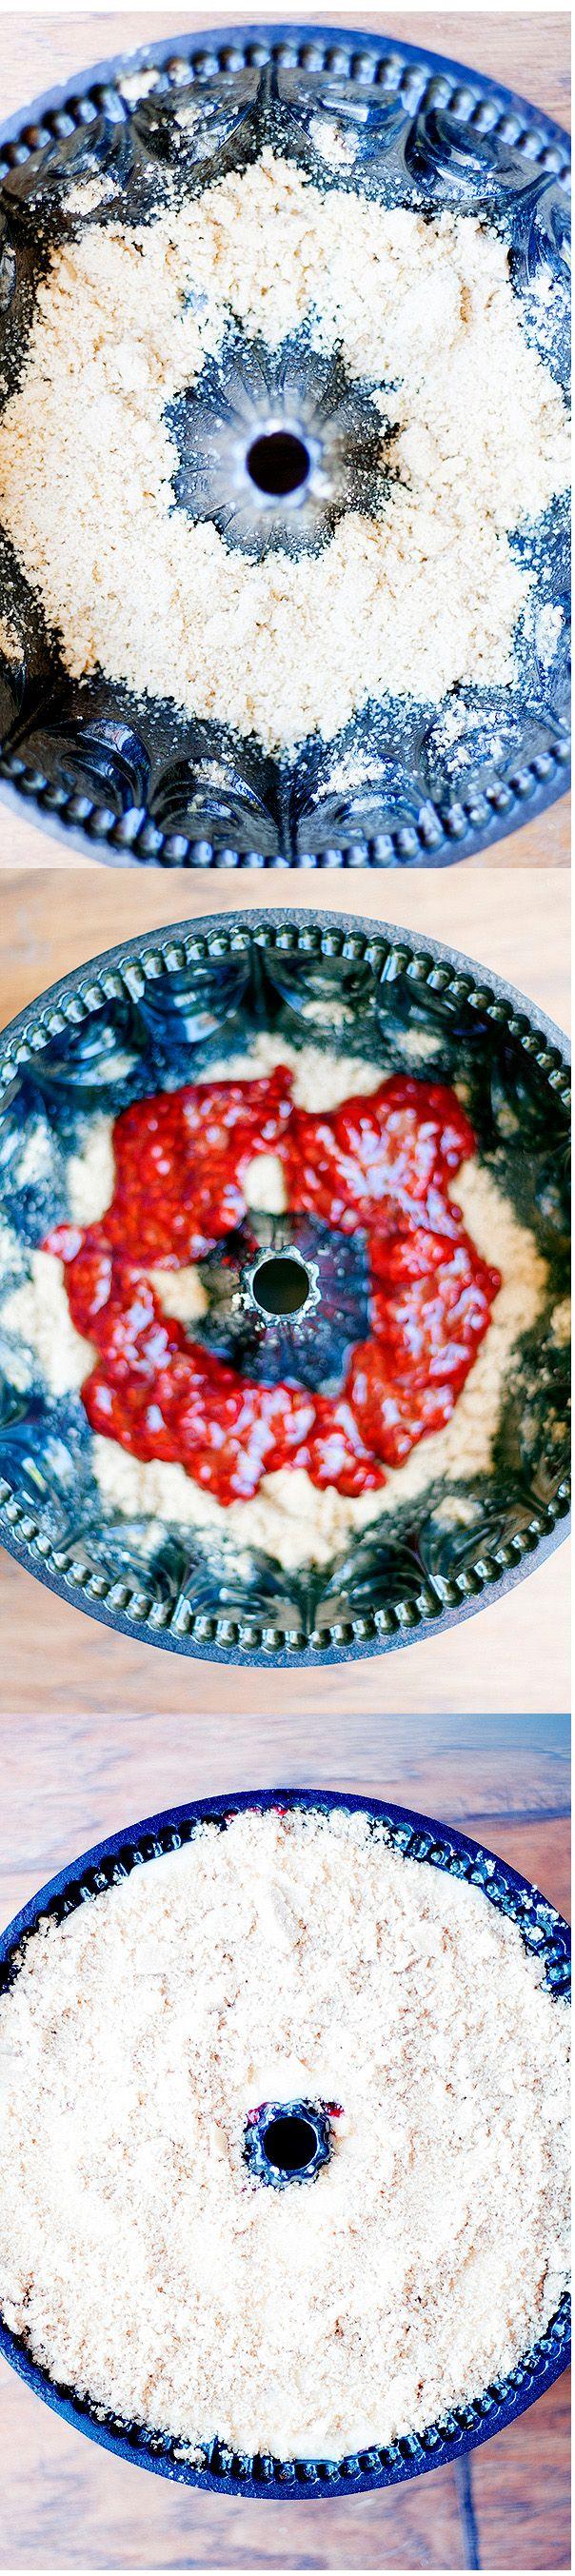 Glazed Raspberry Coffee Cake - Heather's French Press